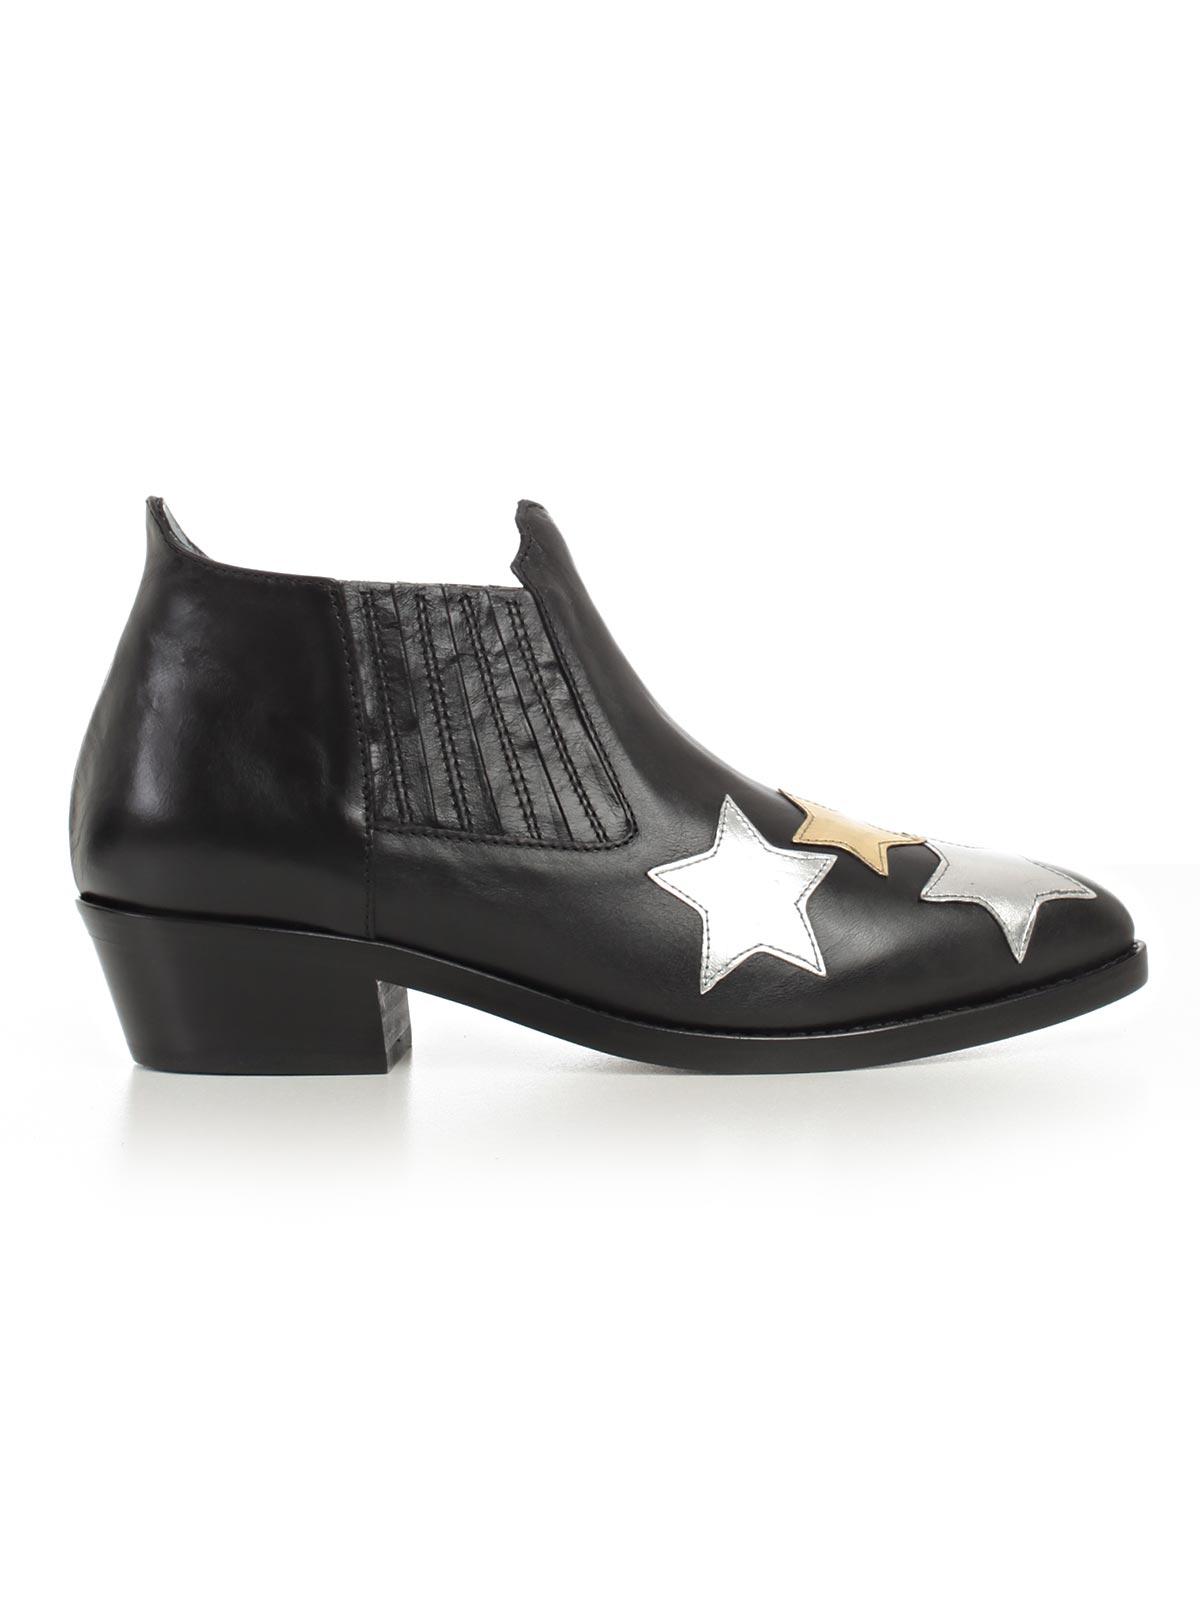 Picture of CHIARA FERRAGNI  Footwear